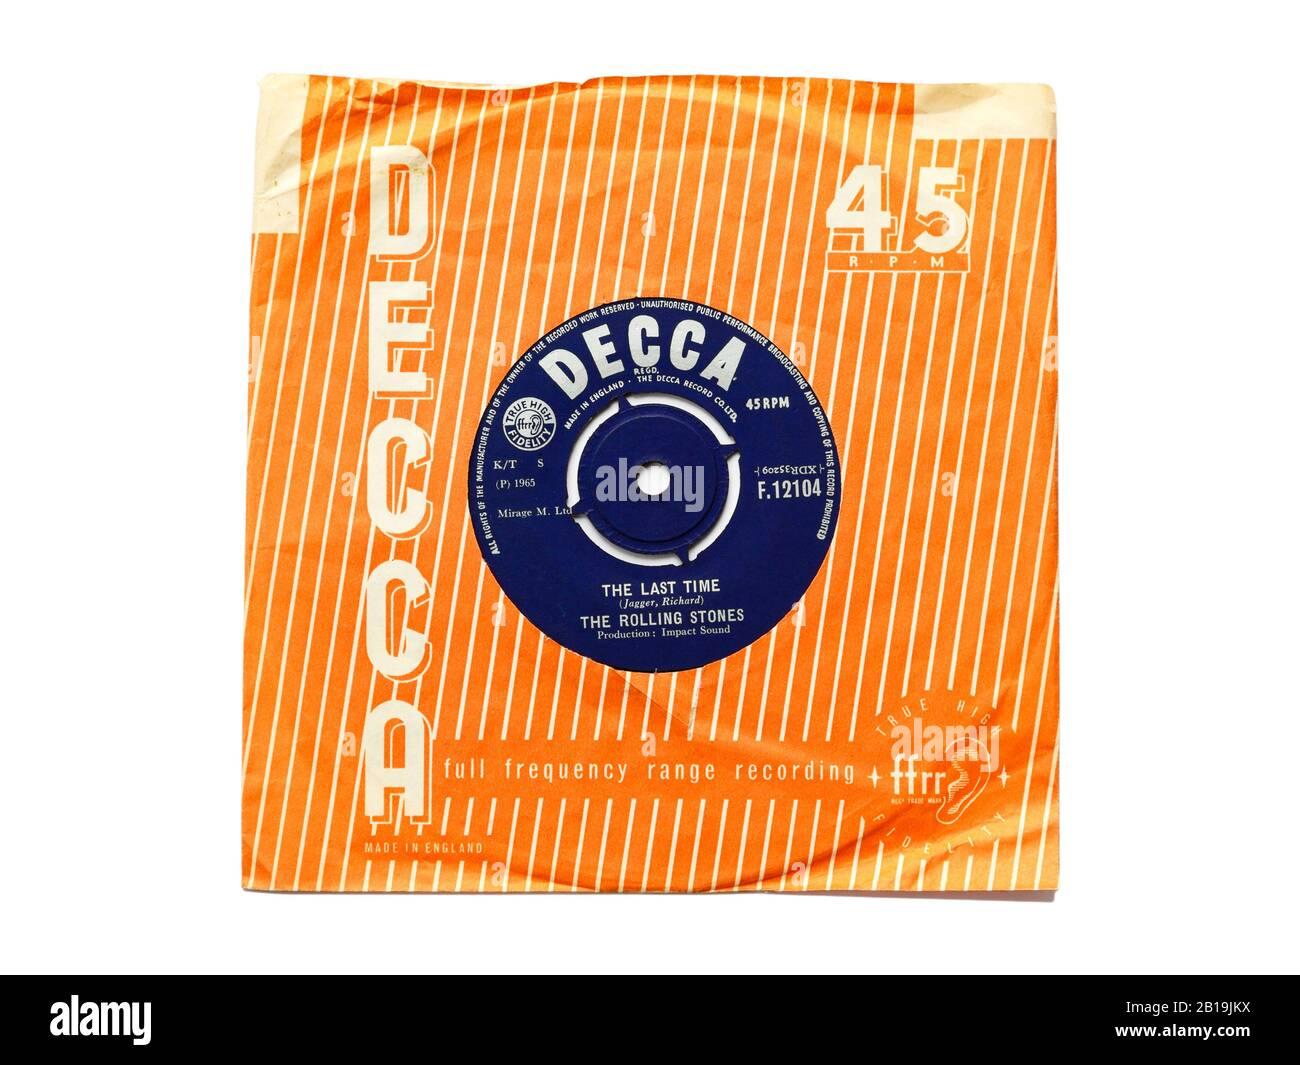 Das alte Original von Decca Plattenplatte Vinyl 45 RPM wurde Das Letzte Mal von Den Rolling Stones 1965 in zerrissenen Papierhülsen aufgenommen, die auf weiß isoliert waren. Stockfoto